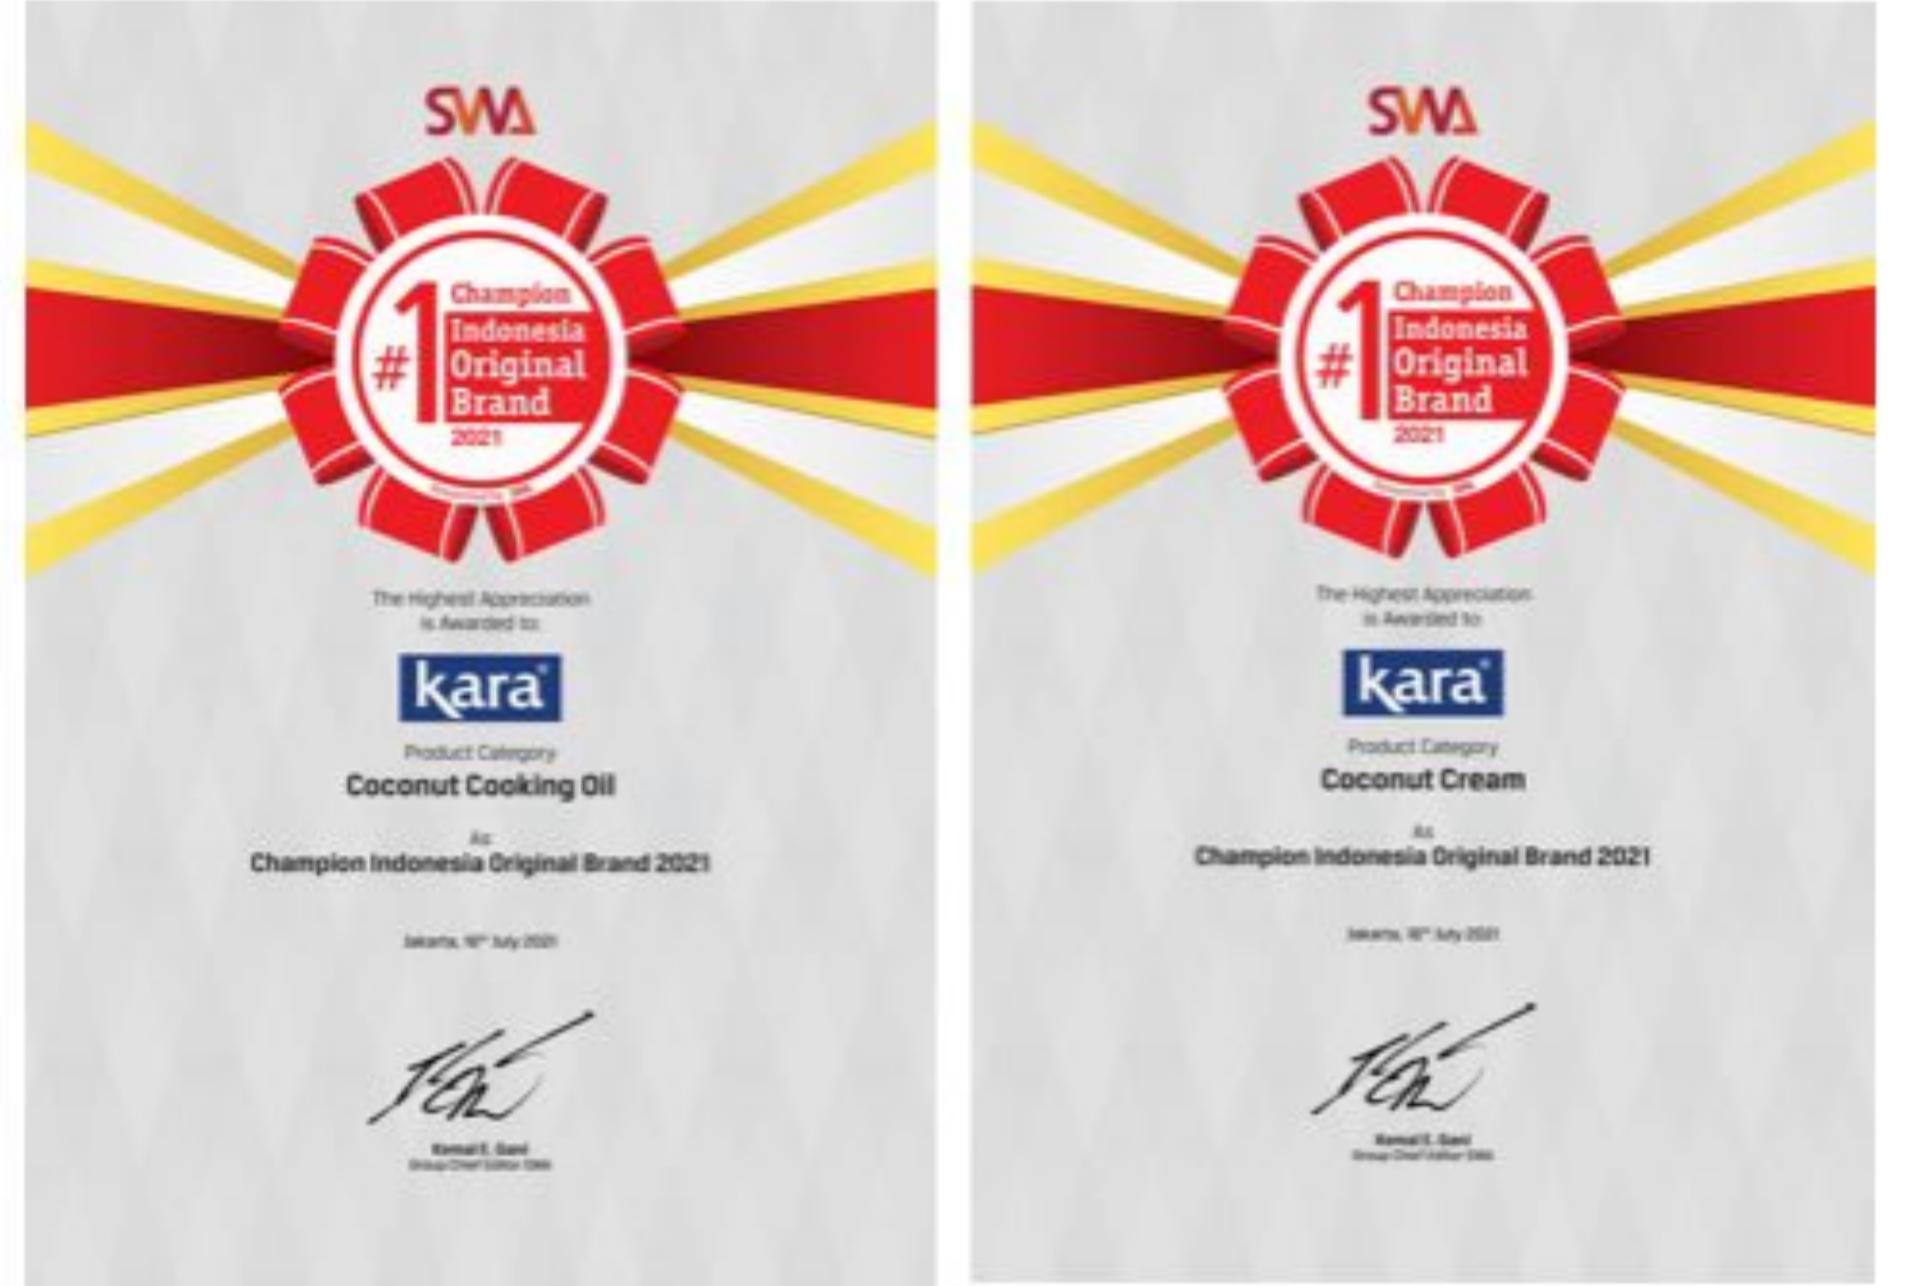 KARA Kembali Raih Penghargaan Indonesia Original Brand 2021